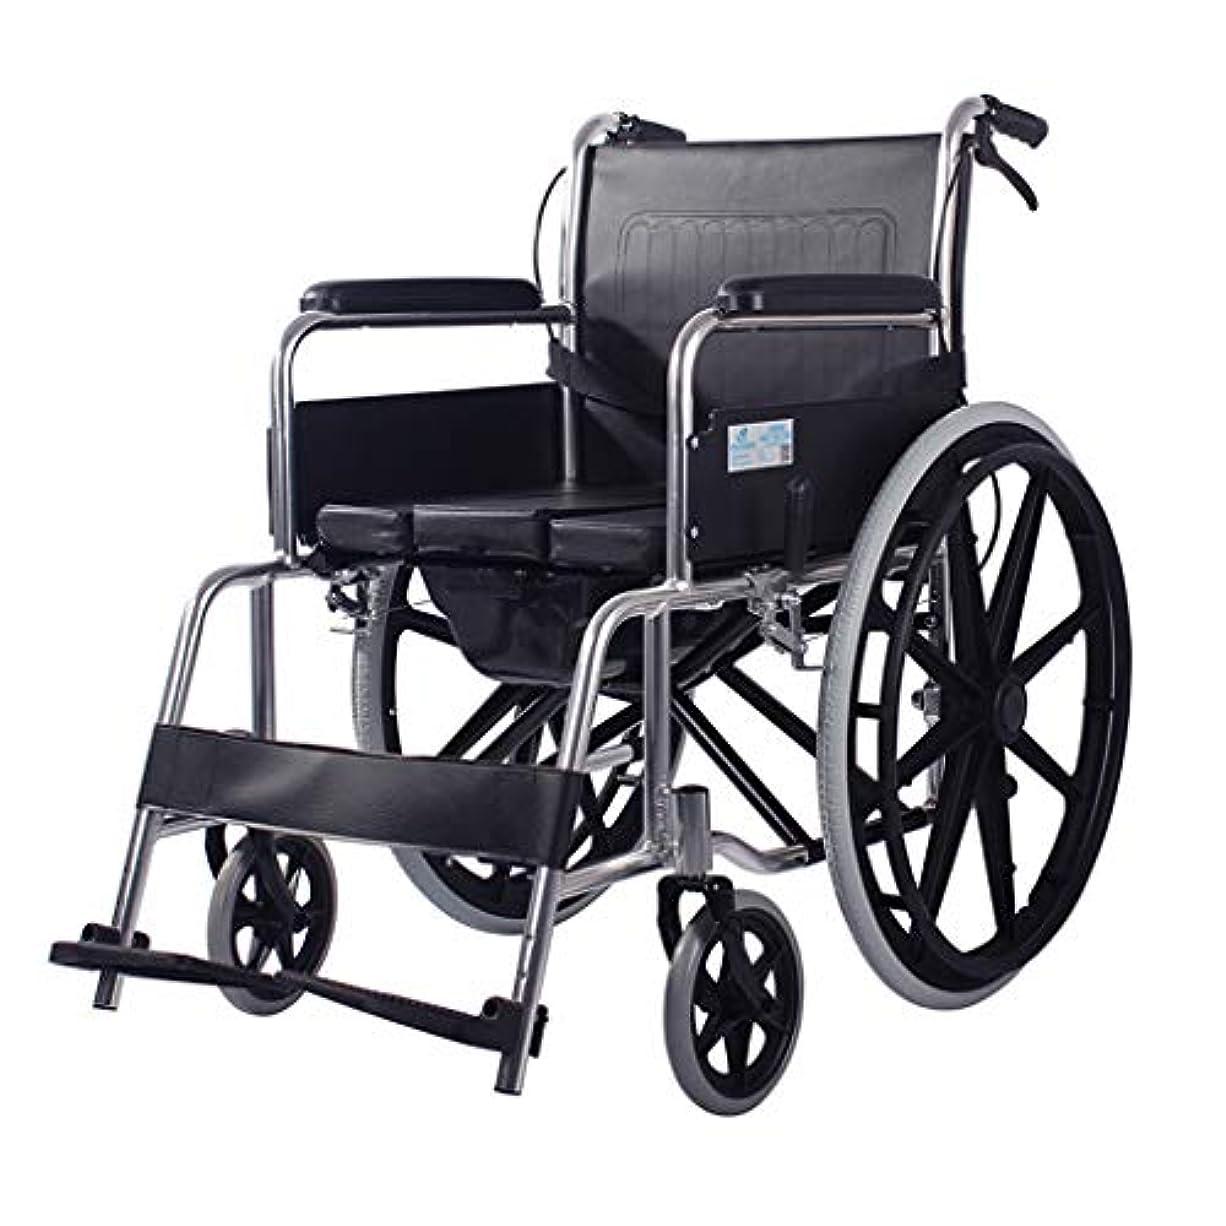 ほこりっぽい敏感なシダ車椅子折りたたみ式および4ブレーキ設計、高齢者および身体障害者用のモバイルトイレ